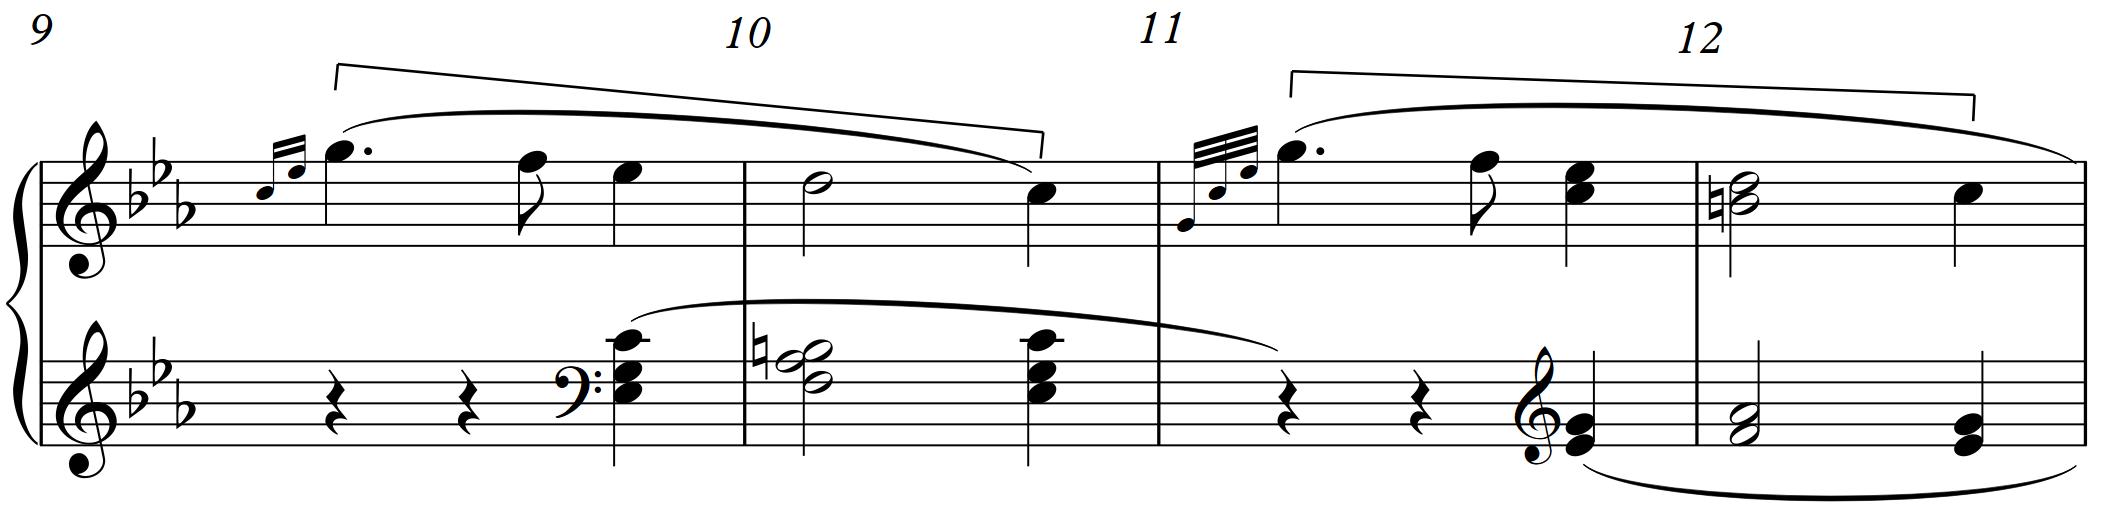 Beethoven Sonata 5 bar 9-12.png